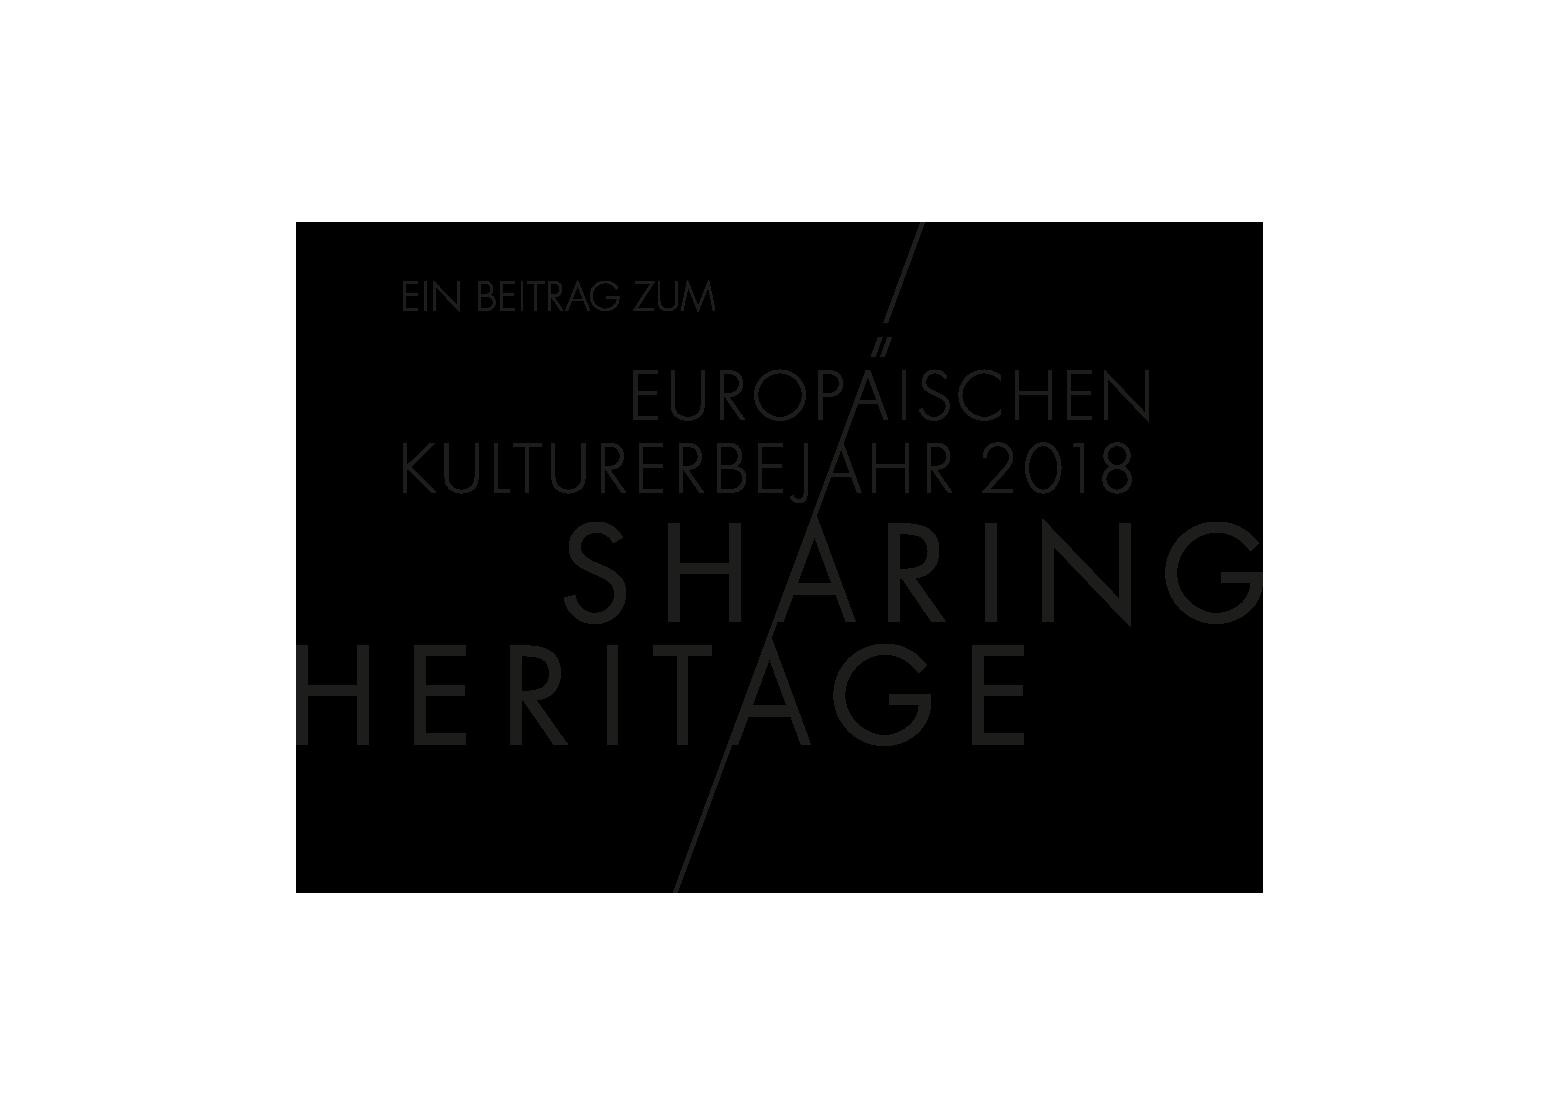 Europäischen Kulturerbejahr 2018 SHARING HERITAGE